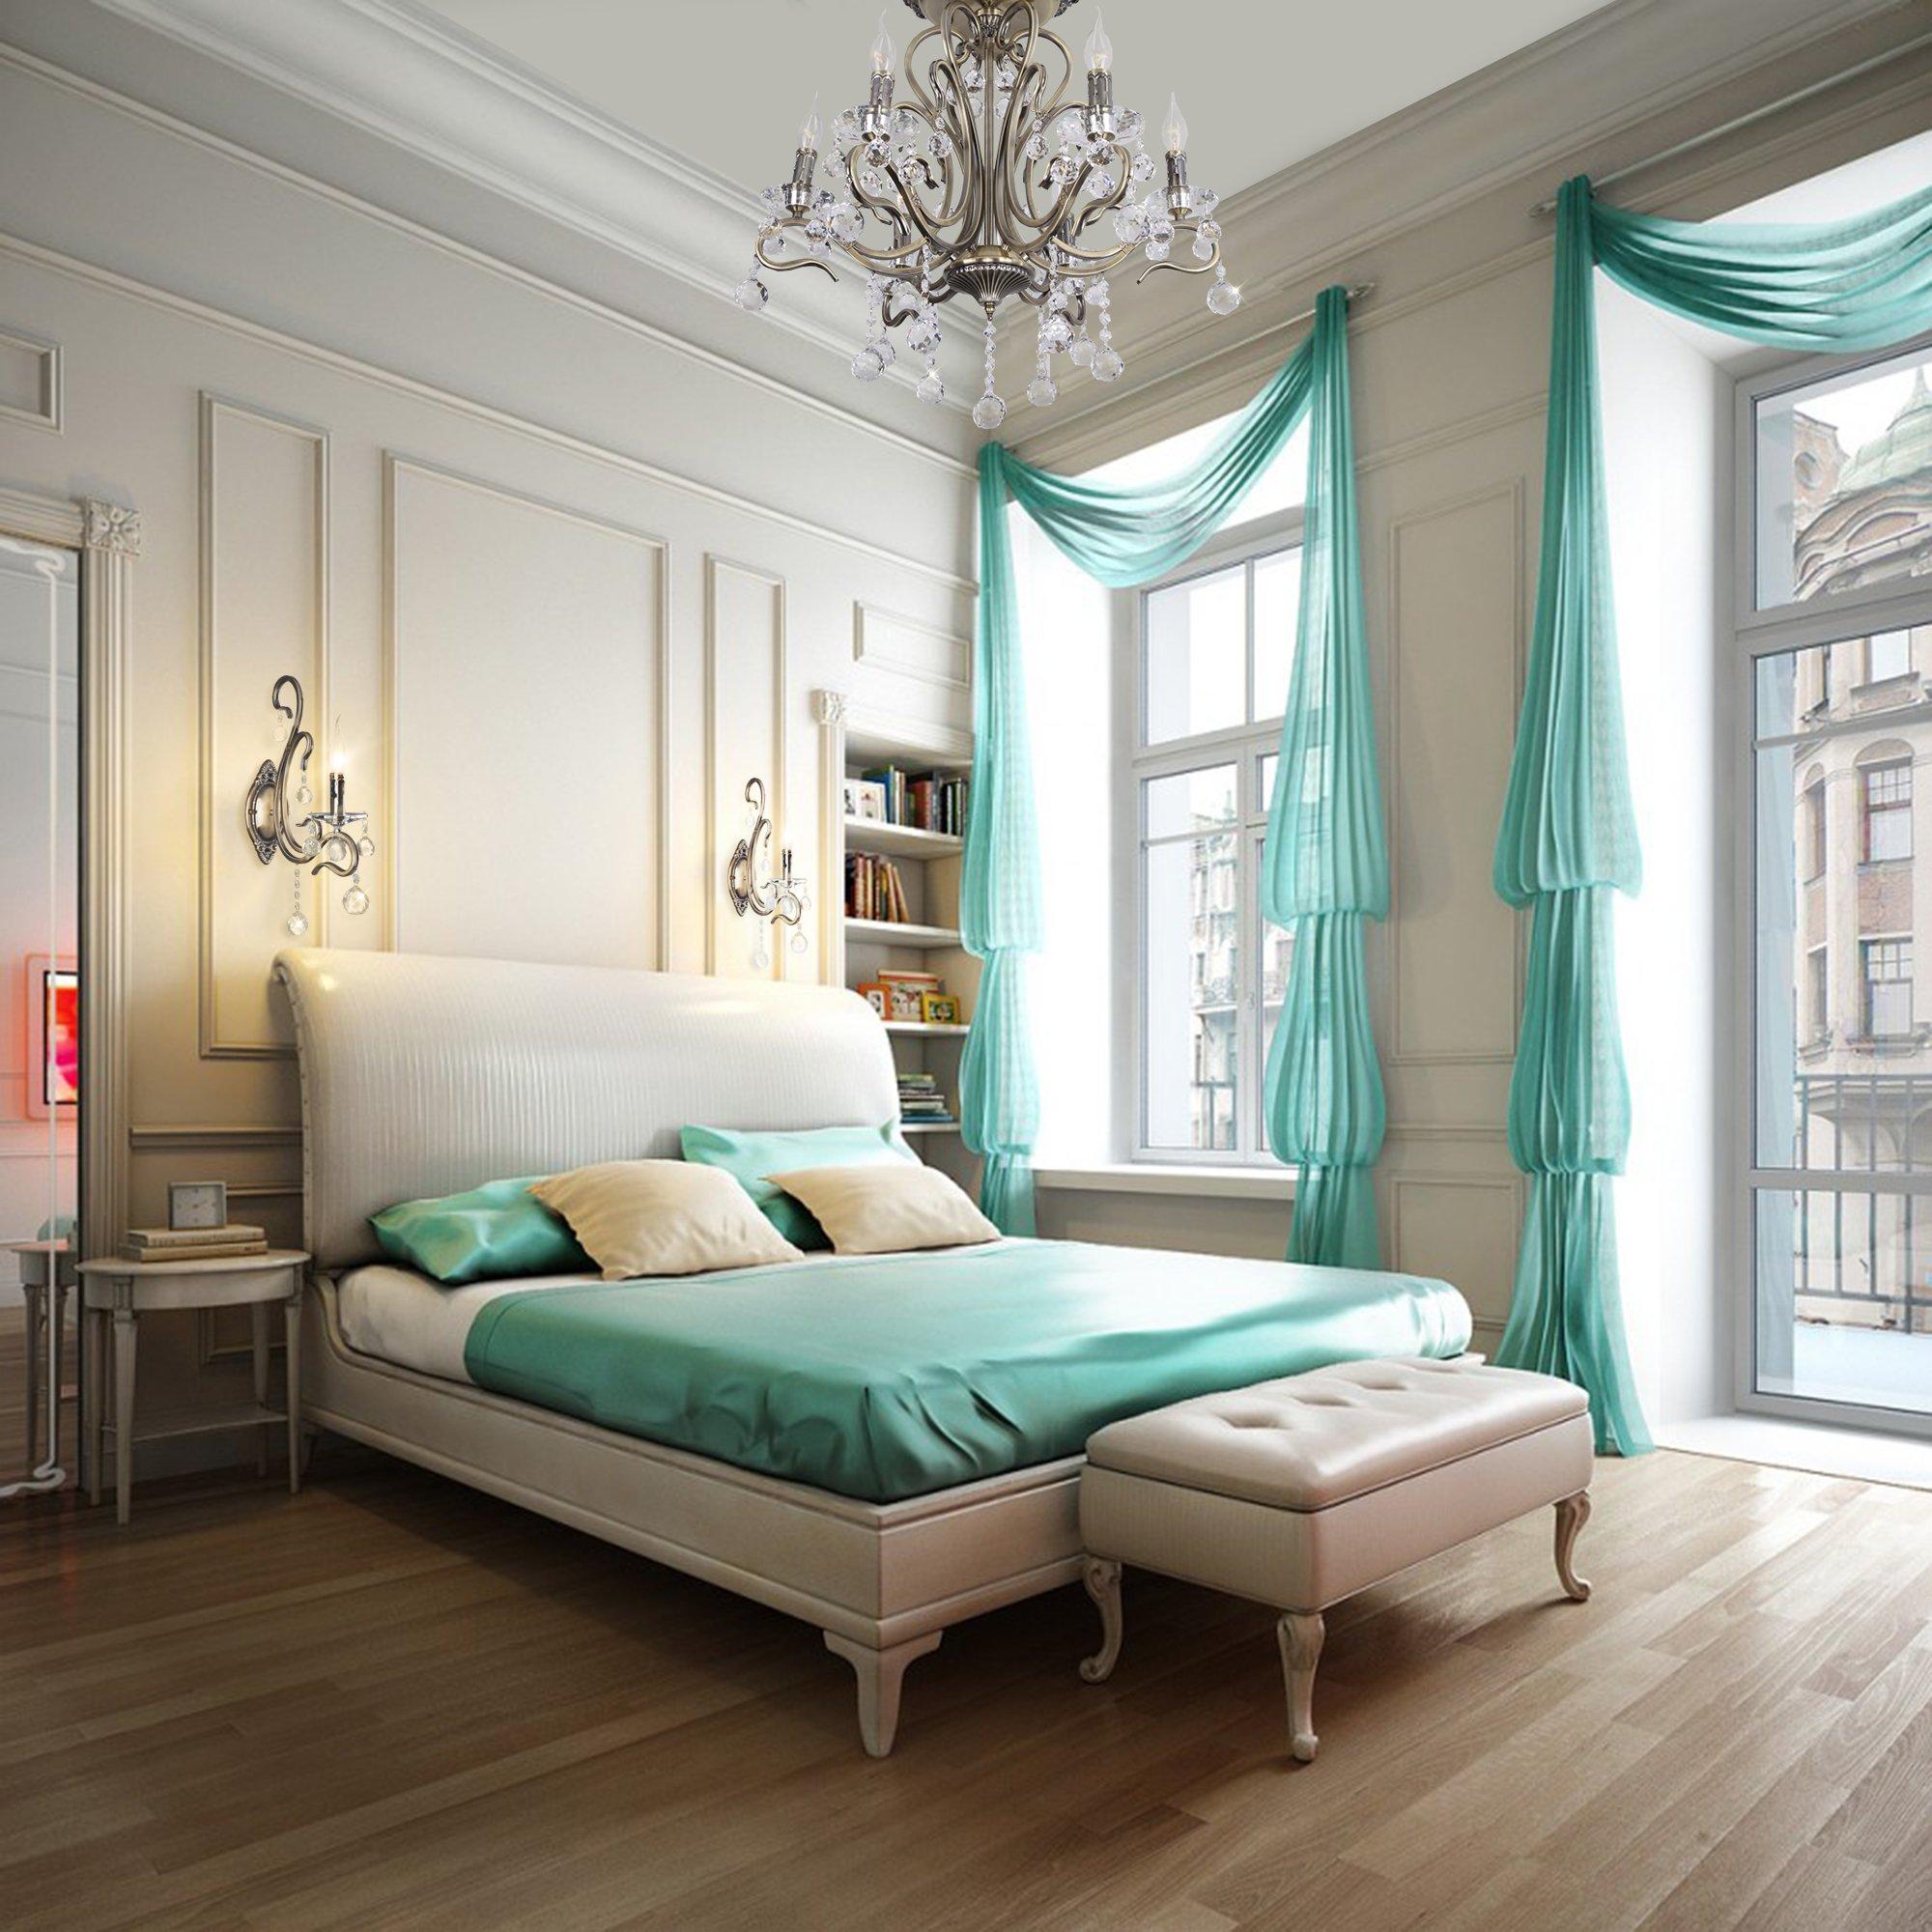 нужно варианты оформления спальни фото перегружен функционалом